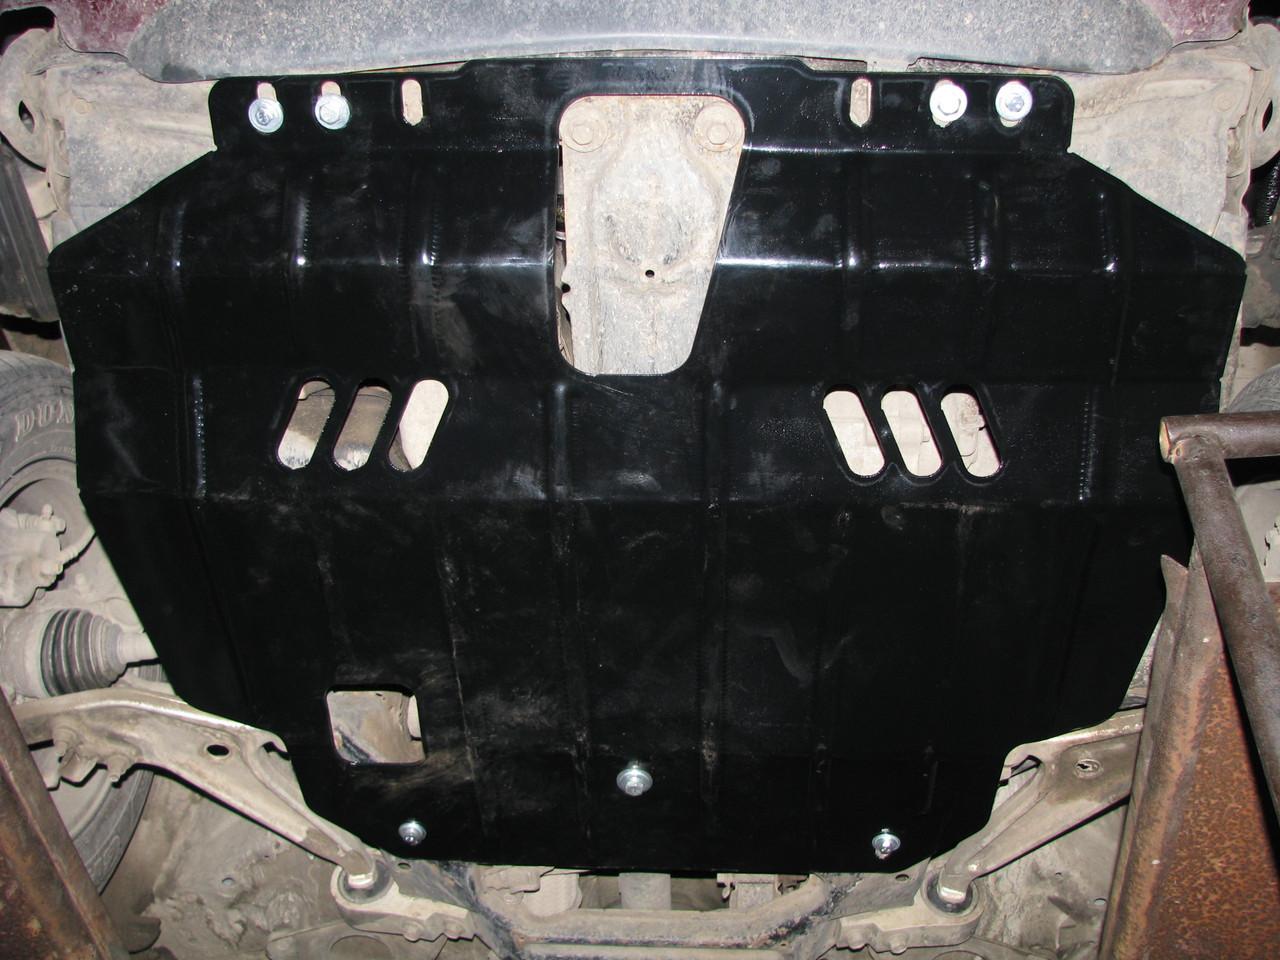 Захист двигуна NISSAN X-TRAIL T30 2001-2007 МКПП 2.2D (двигун+КПП)